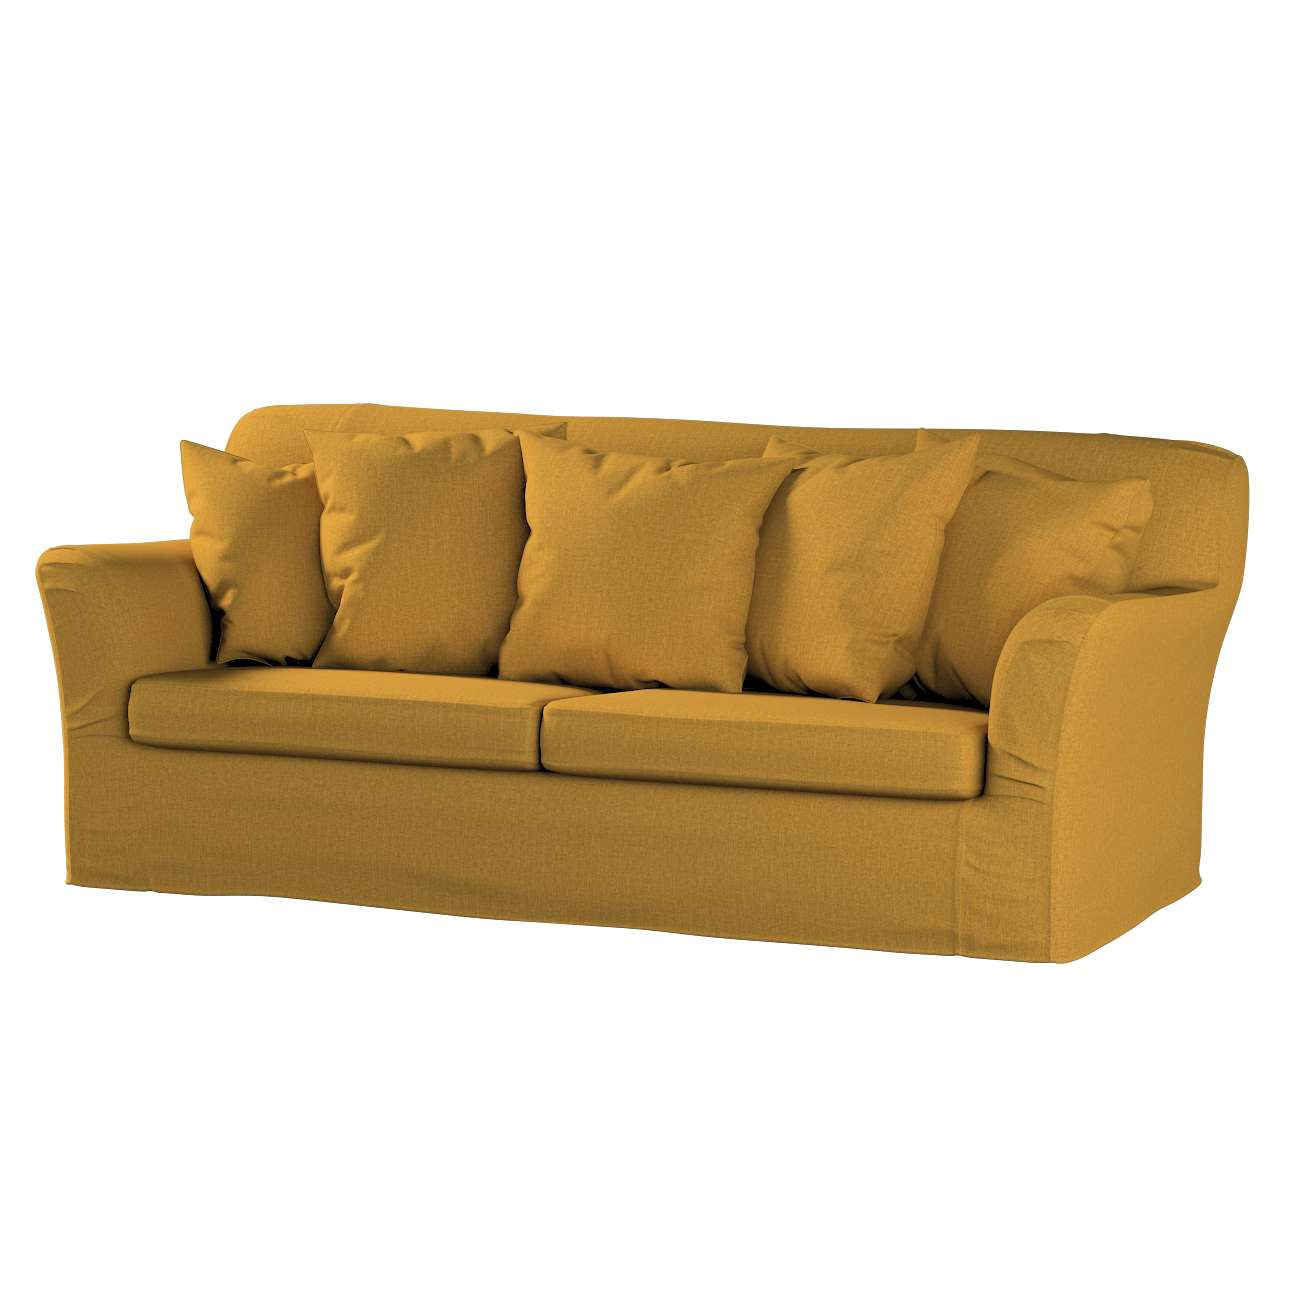 Pokrowiec na sofę Tomelilla 3-osobową rozkładaną w kolekcji City, tkanina: 704-82